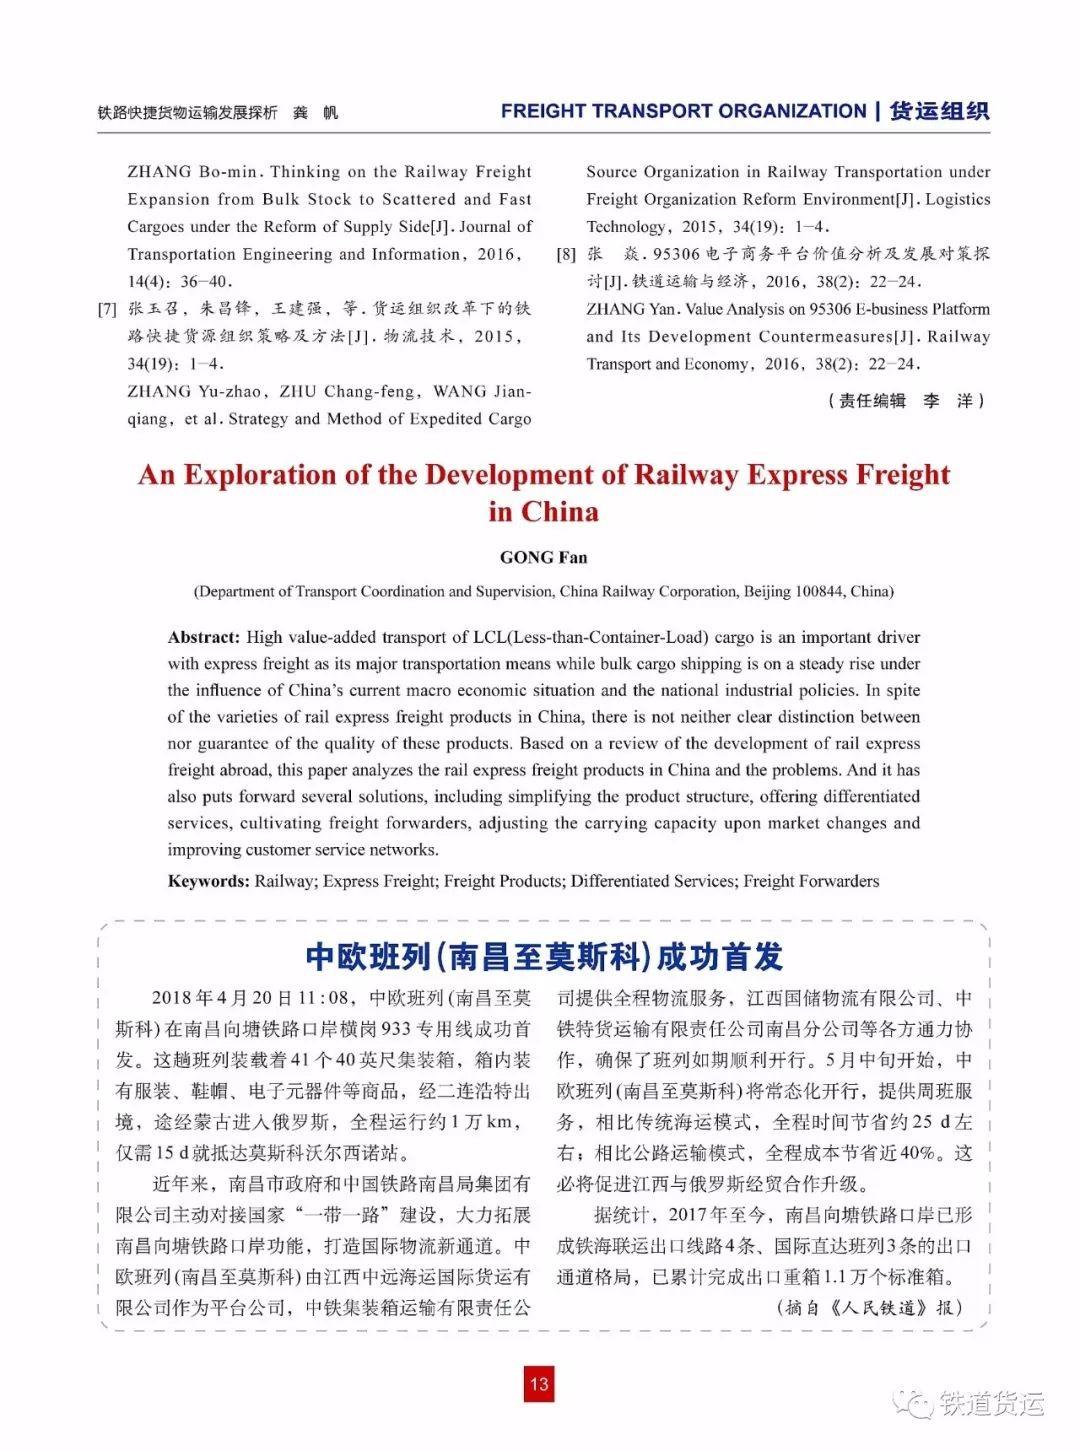 《铁路货运|铁路快捷货物运输发展探析》